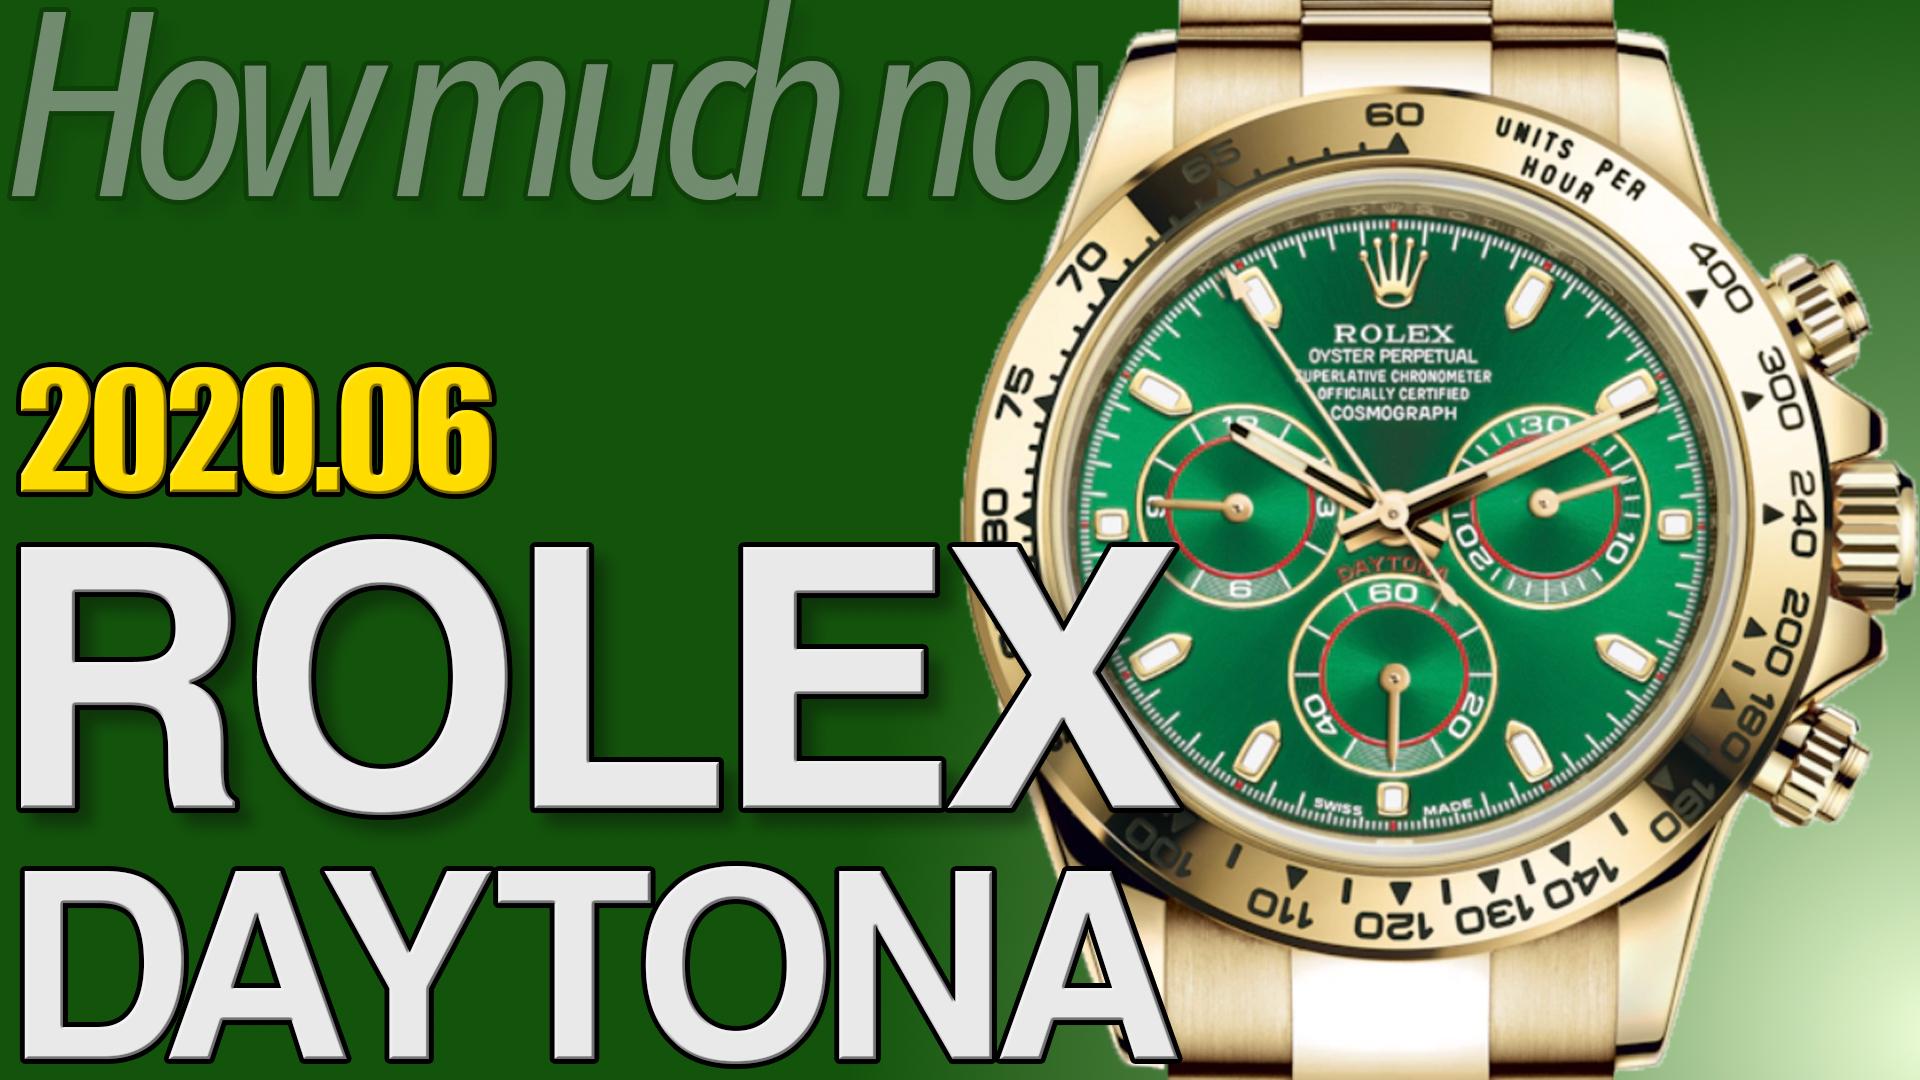 コスモグラフ・デイトナ 買取相場まとめ 2020年6月版 |ロレックス時計の価格情報